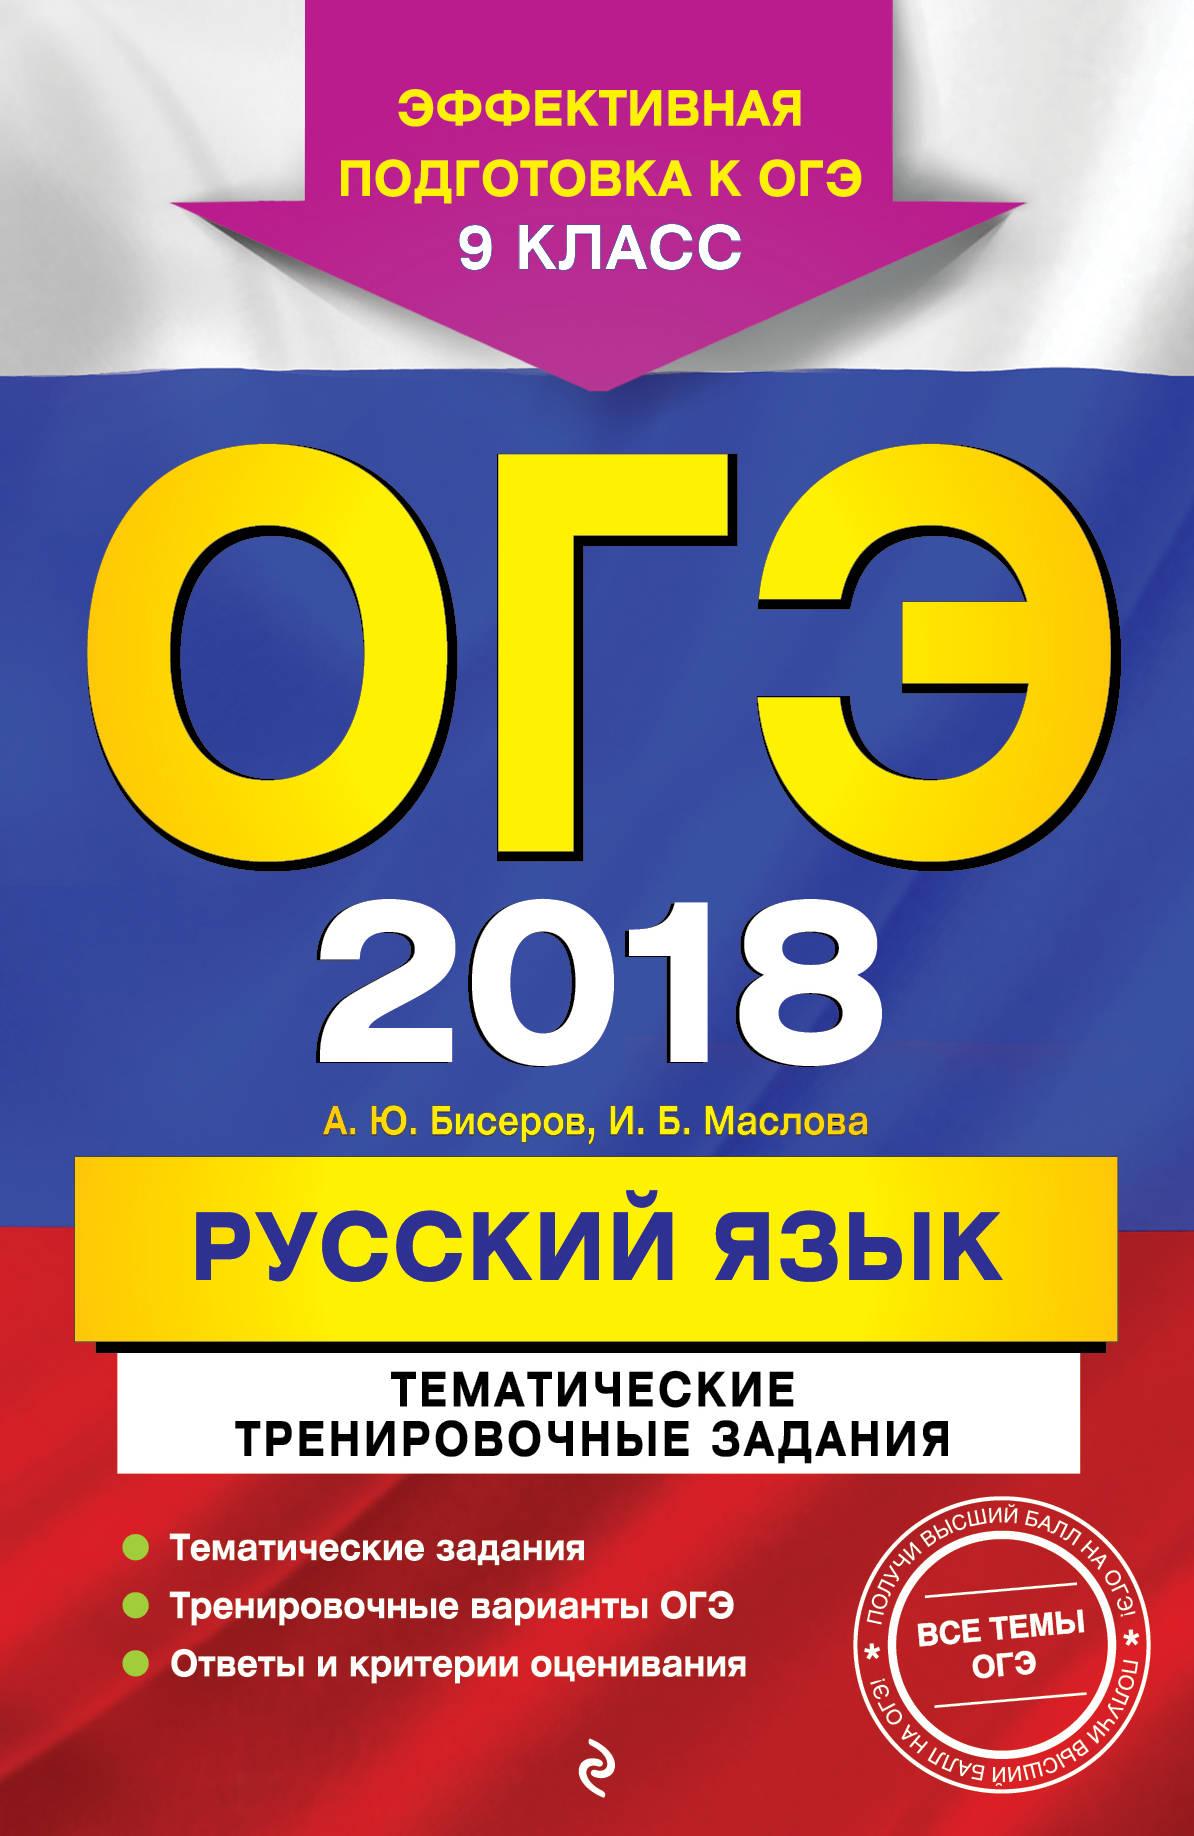 А. Ю. Бисеров, И. Б. Маслова ОГЭ-2018. Русский язык. Тематические тренировочные задания. 9 класс